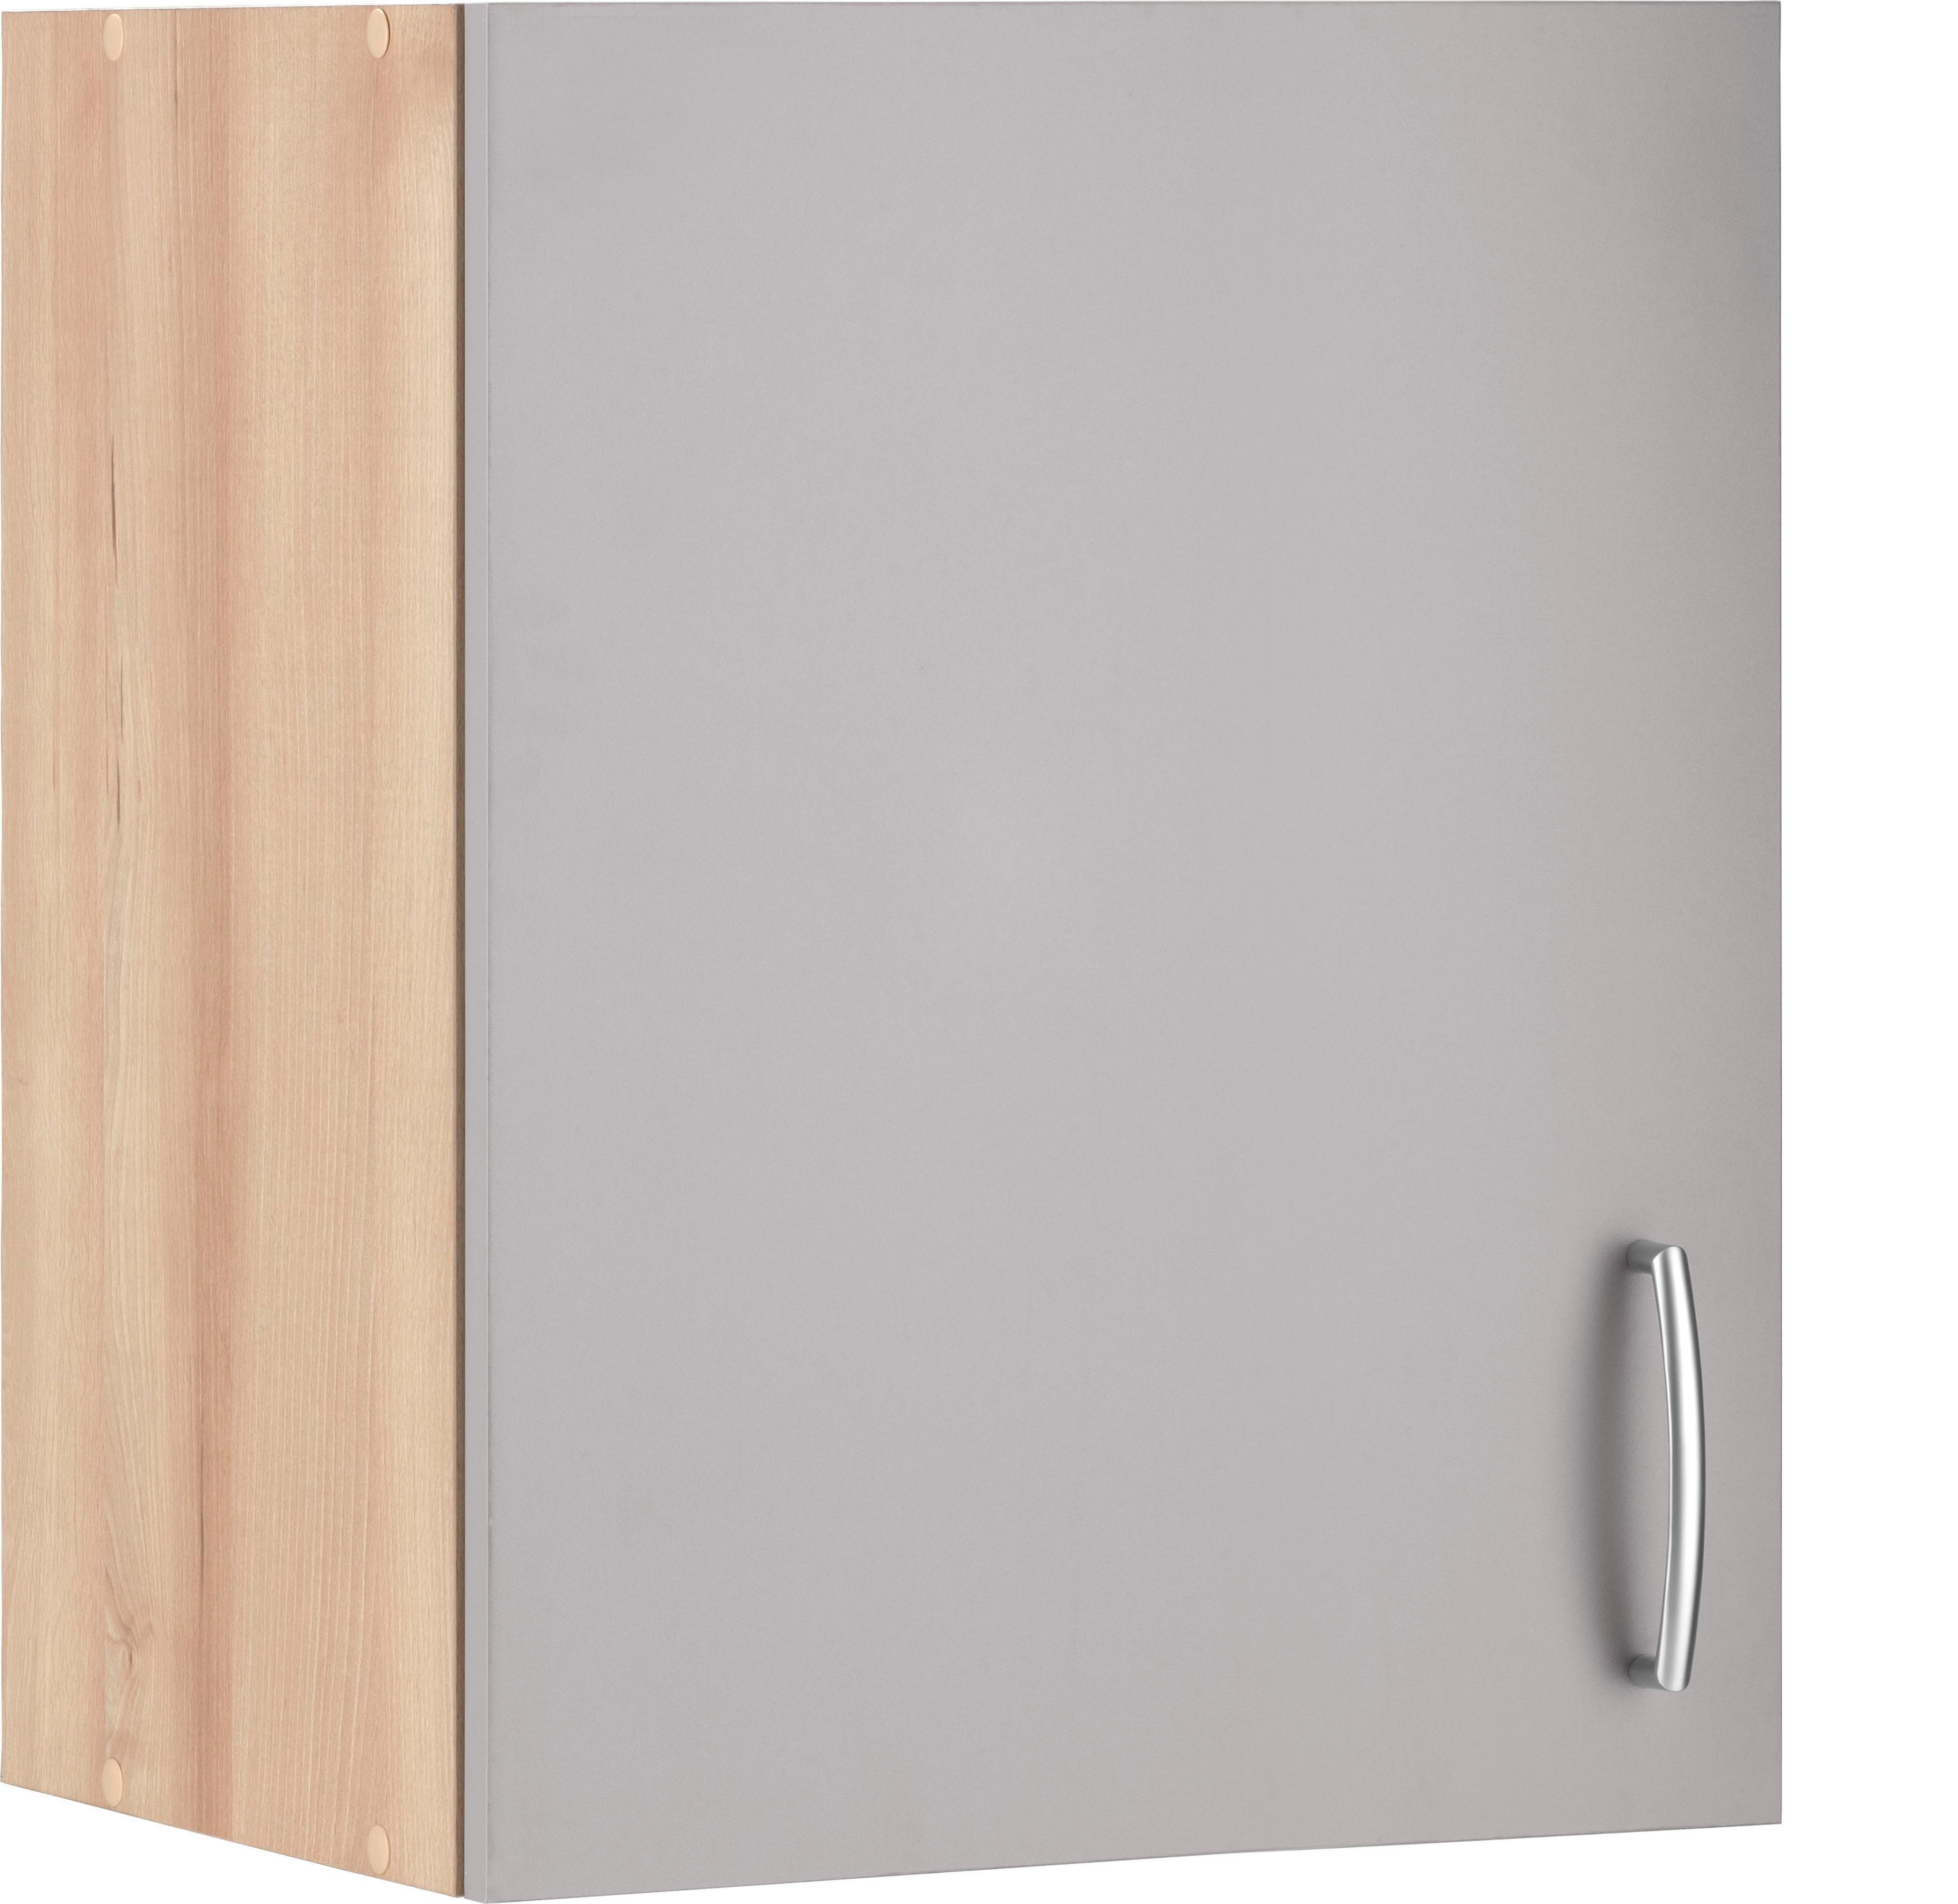 wiho Küchen Hängeschrank »Brilon« | Küche und Esszimmer > Küchenschränke > Küchen-Hängeschränke | wiho Küchen